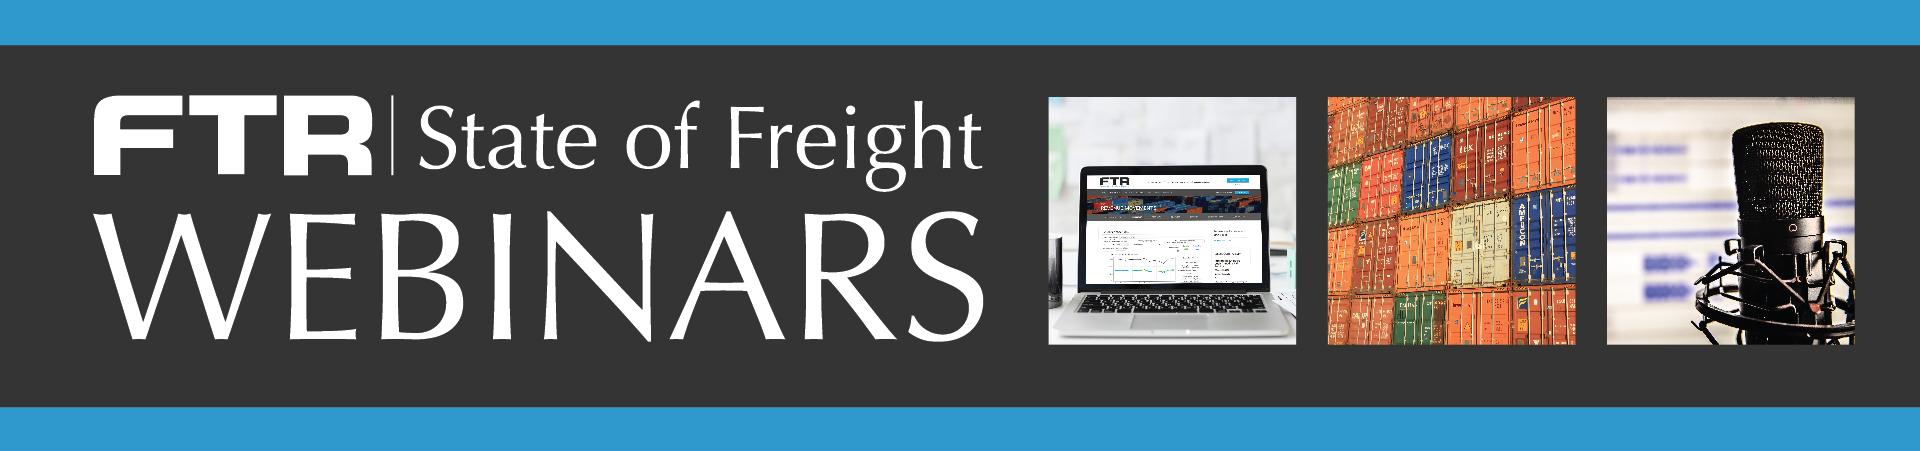 FTR State of Freight Webinars